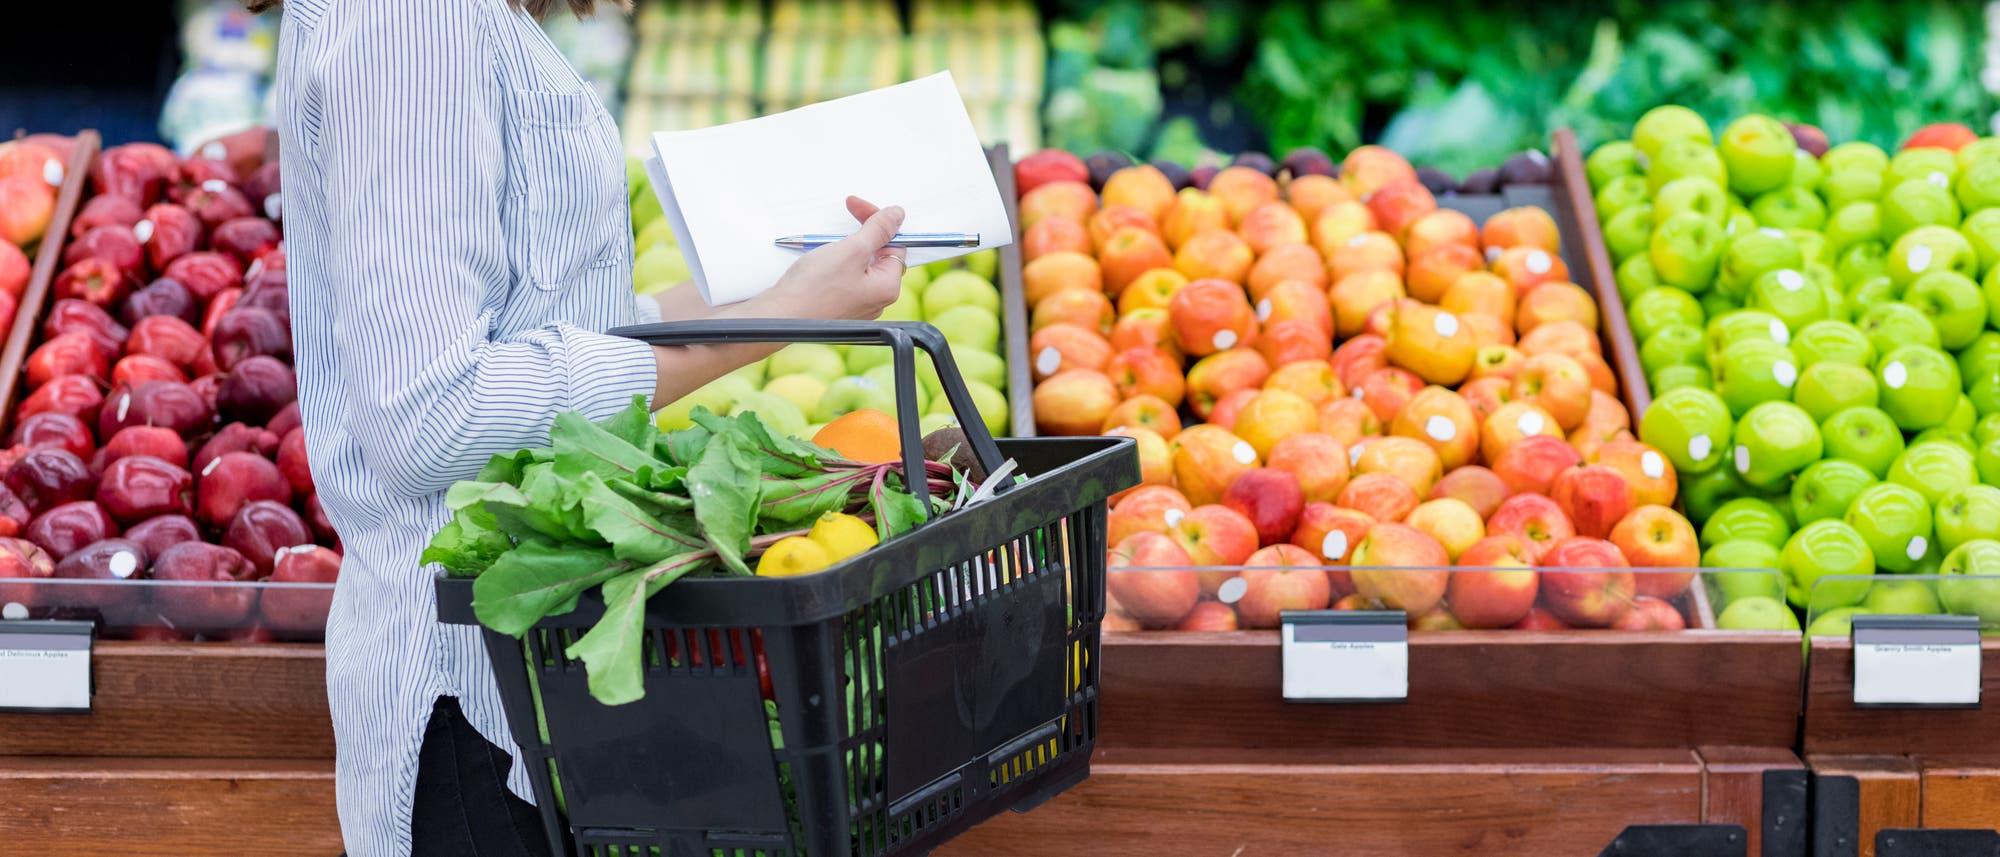 Frau im Supermarkt vor dem Obstregal